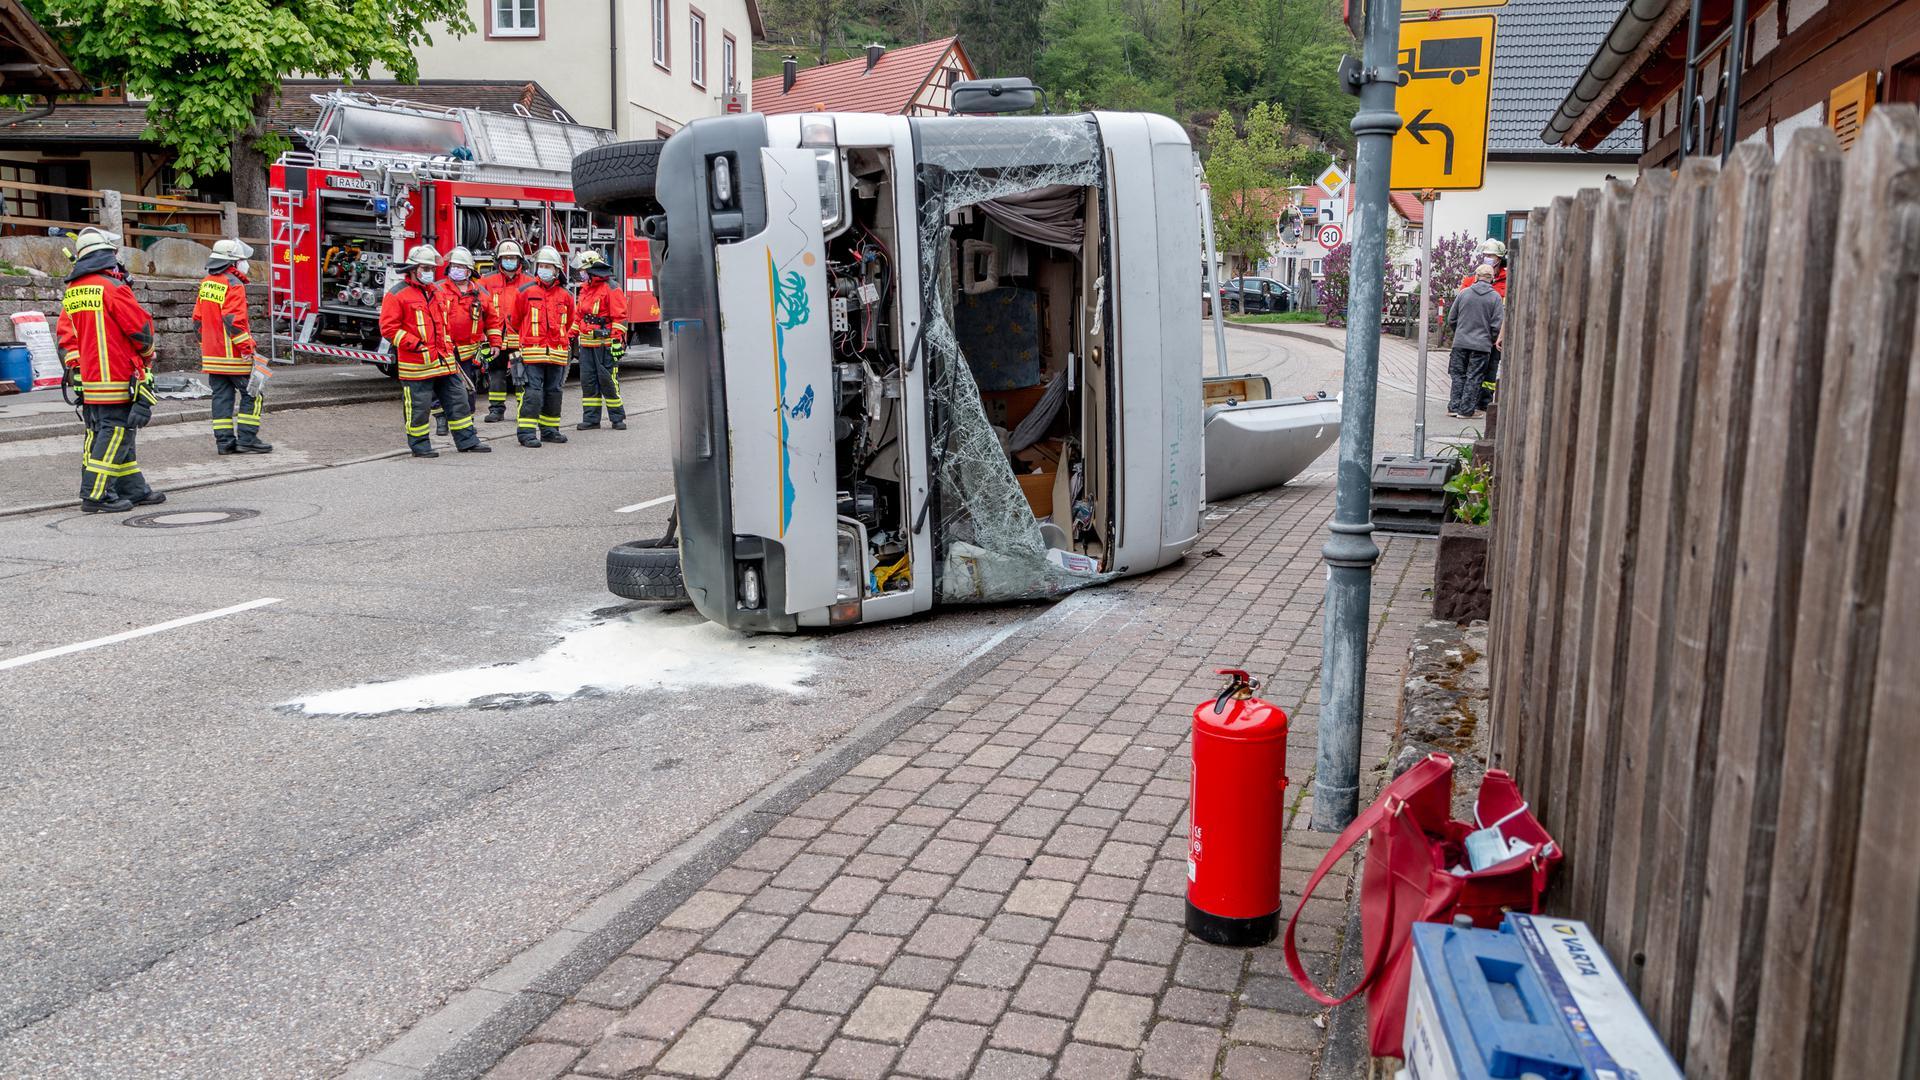 Am Maifeiertag ist ein Fahrer gegen 16 Uhr mit seinem Wohnmobil in der Ortsmitte von Gaggenau-Michelbach ins Schleudern geraten. Das Wohnmobil kippte dadurch auf die linke Seite.